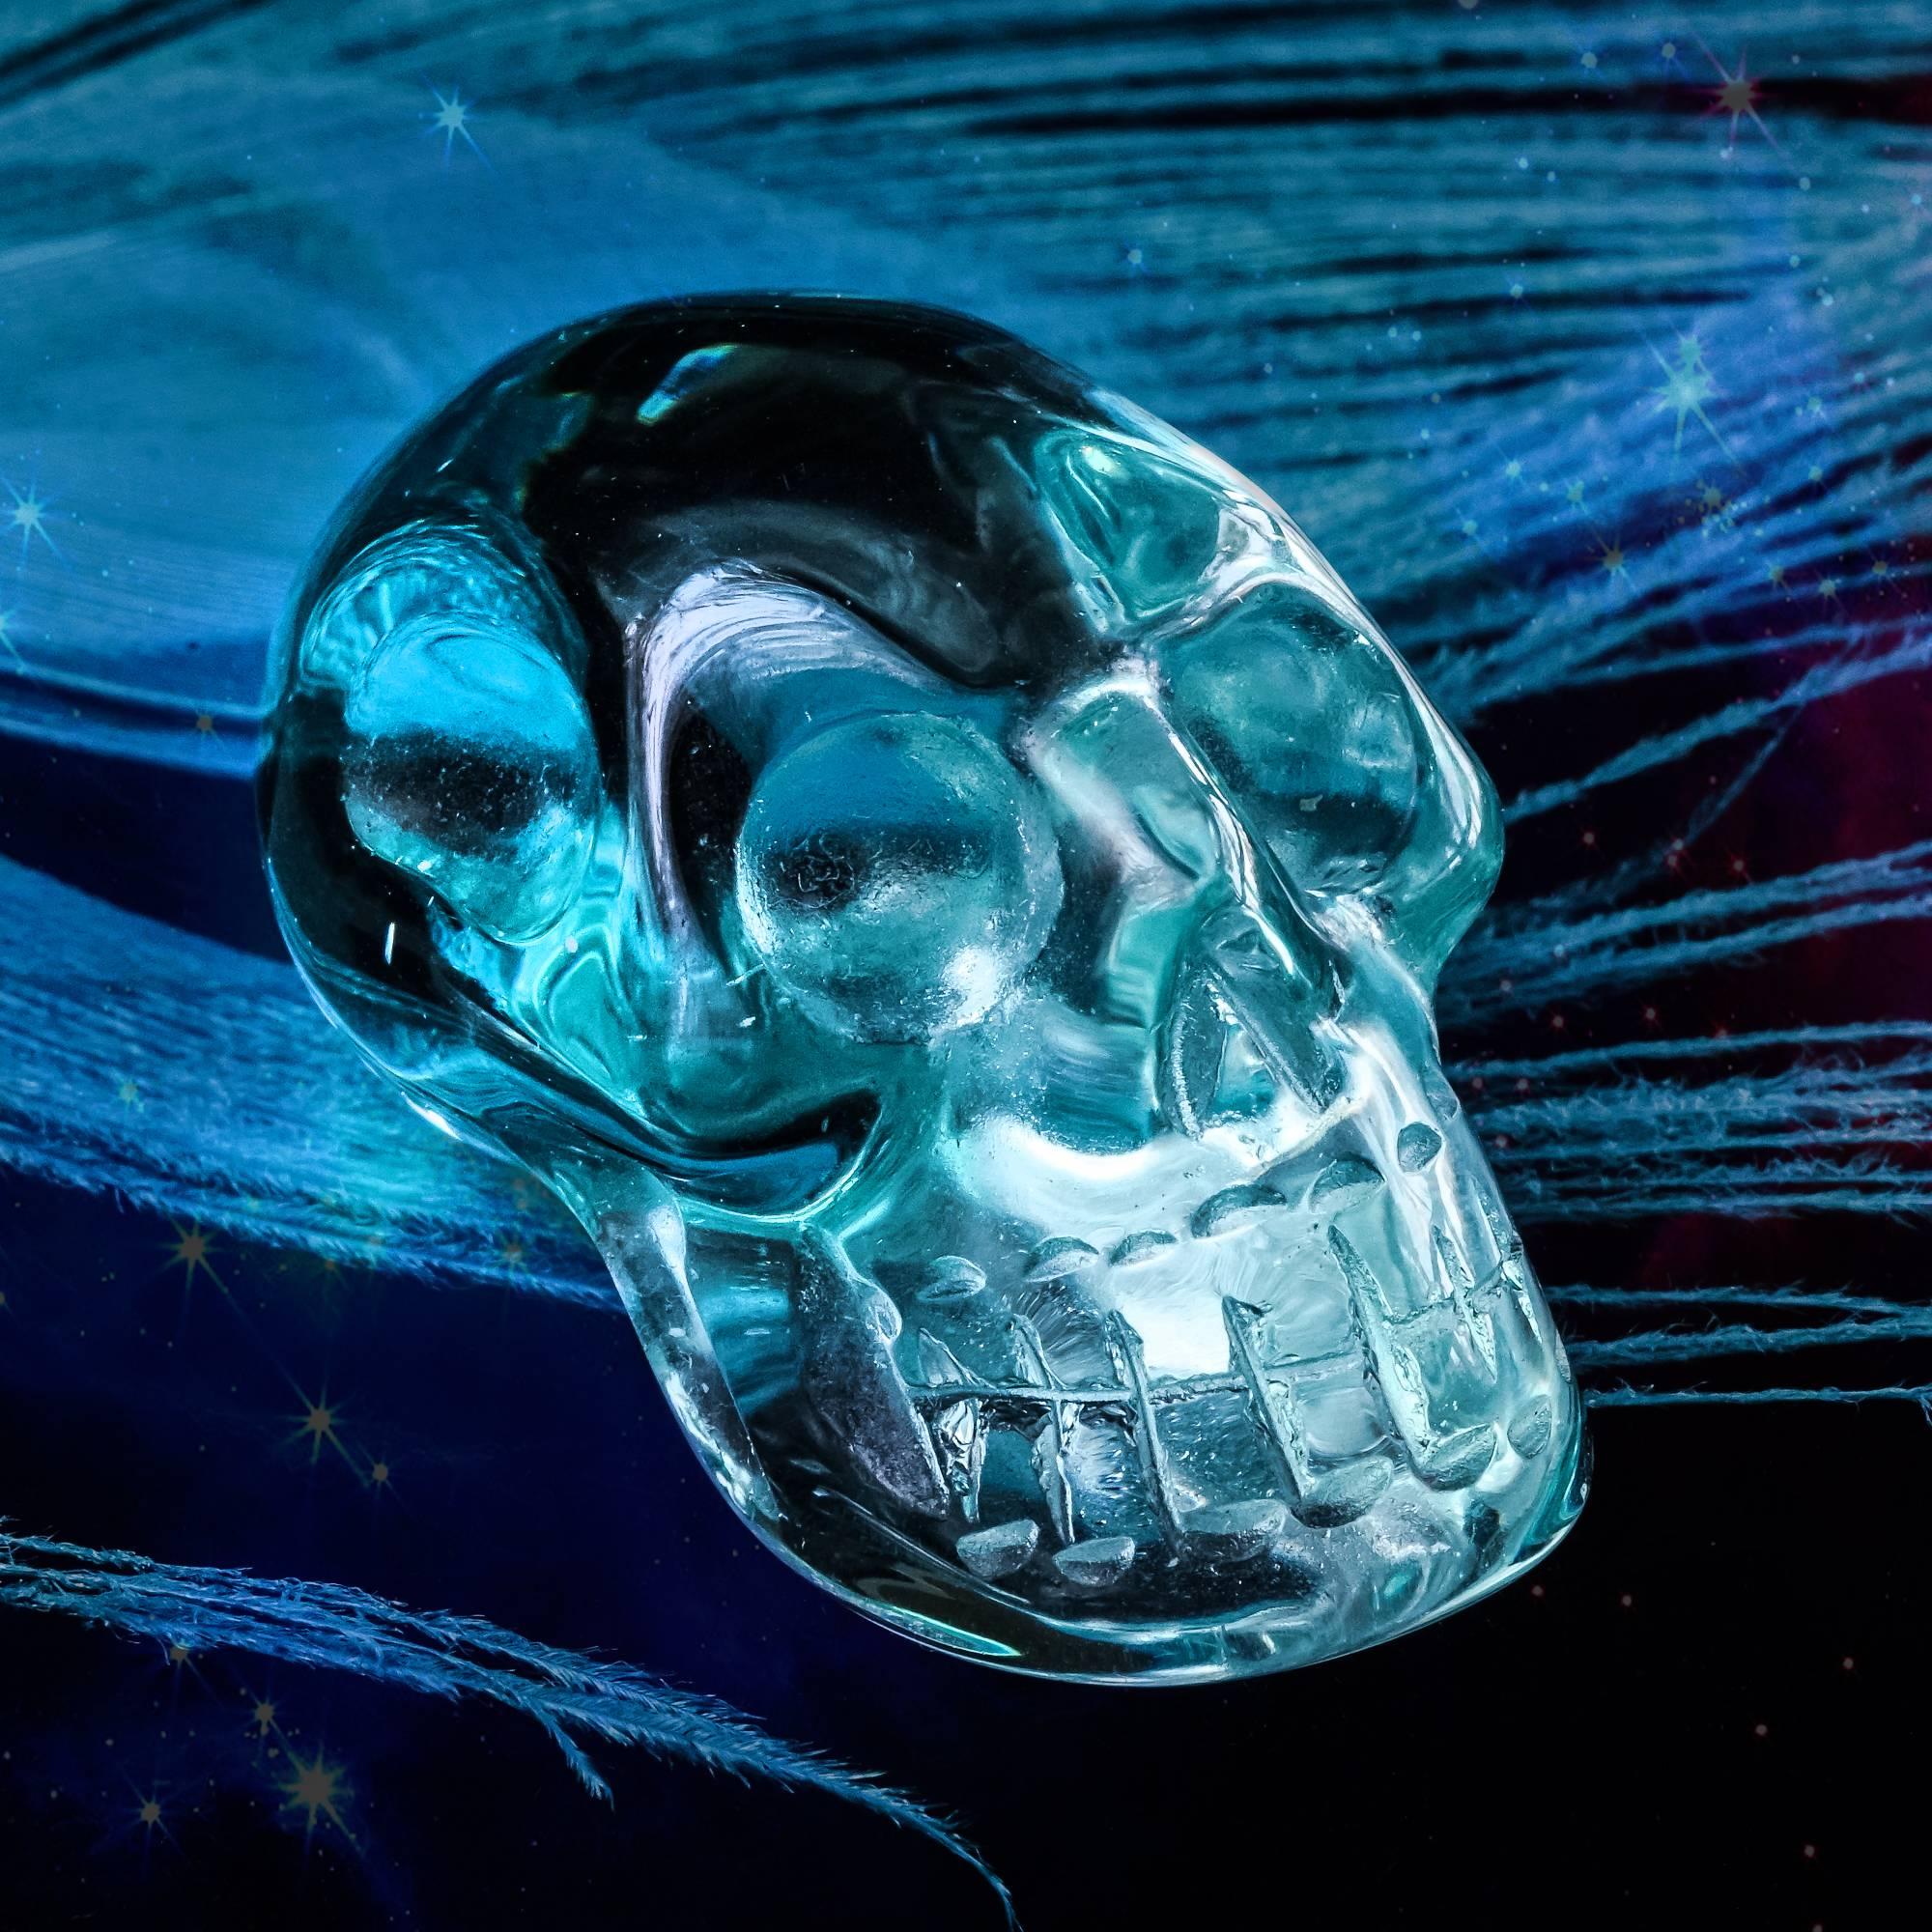 blue obsidian alien skulls